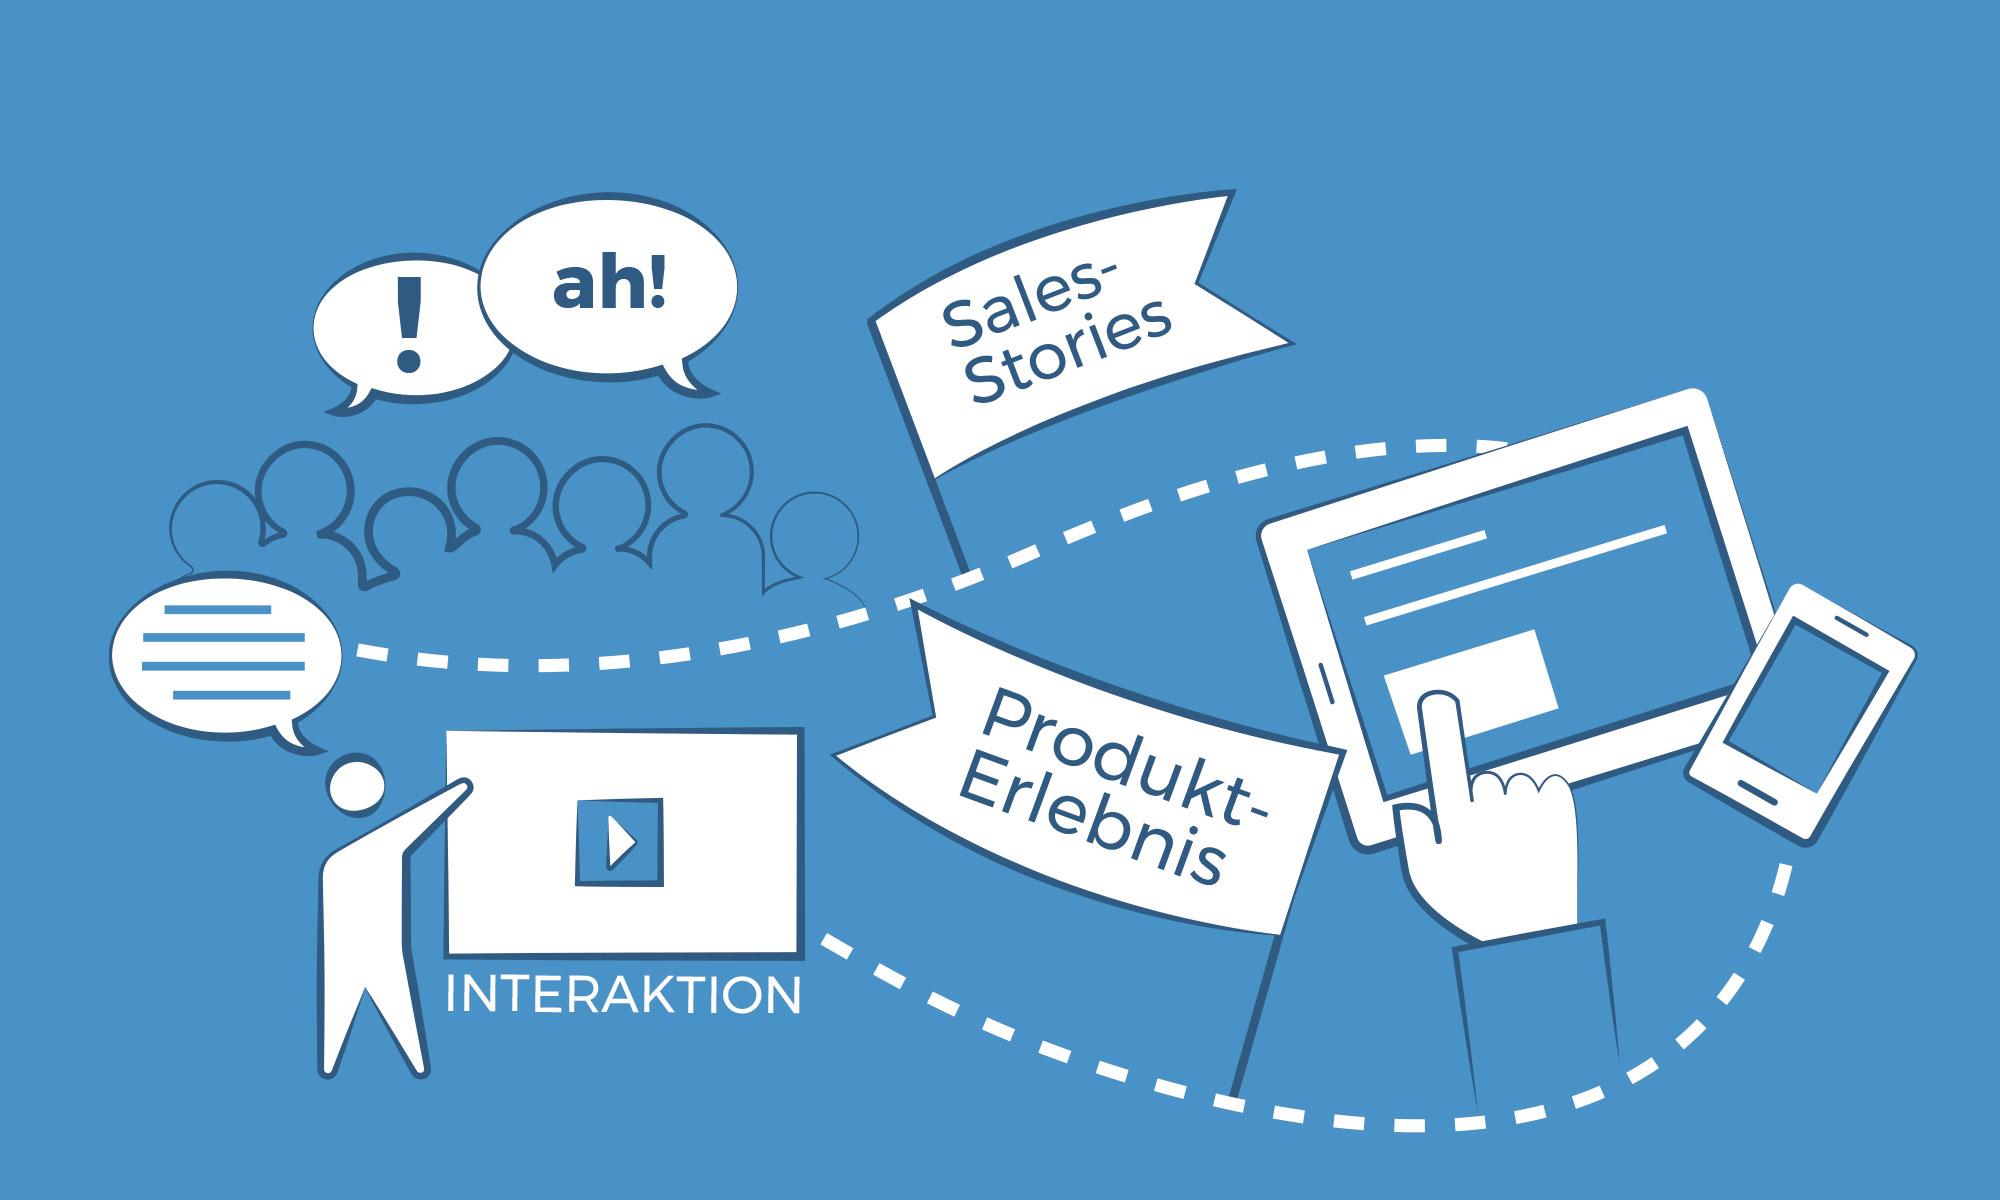 Dank interaktiven Tools, Präsentationen und weiteren Maßnahmen wird der Außendienst bestens auf erfolgreiche Salesgespräche vorbereitet und motiviert